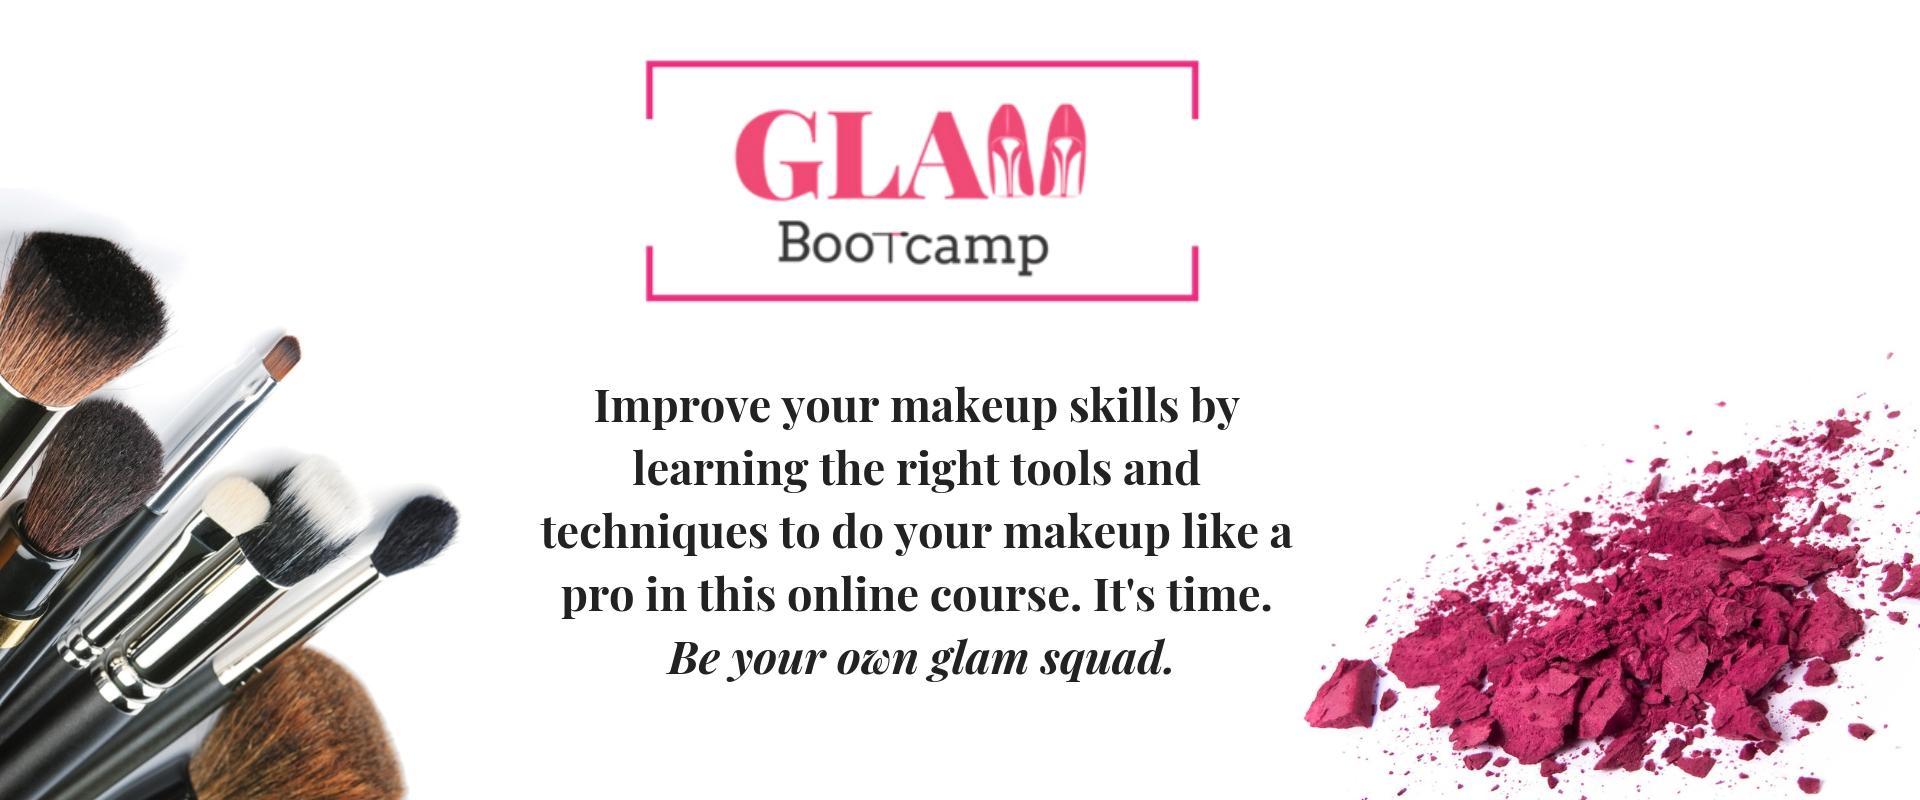 Online Makeup Class Glam Bootcamp